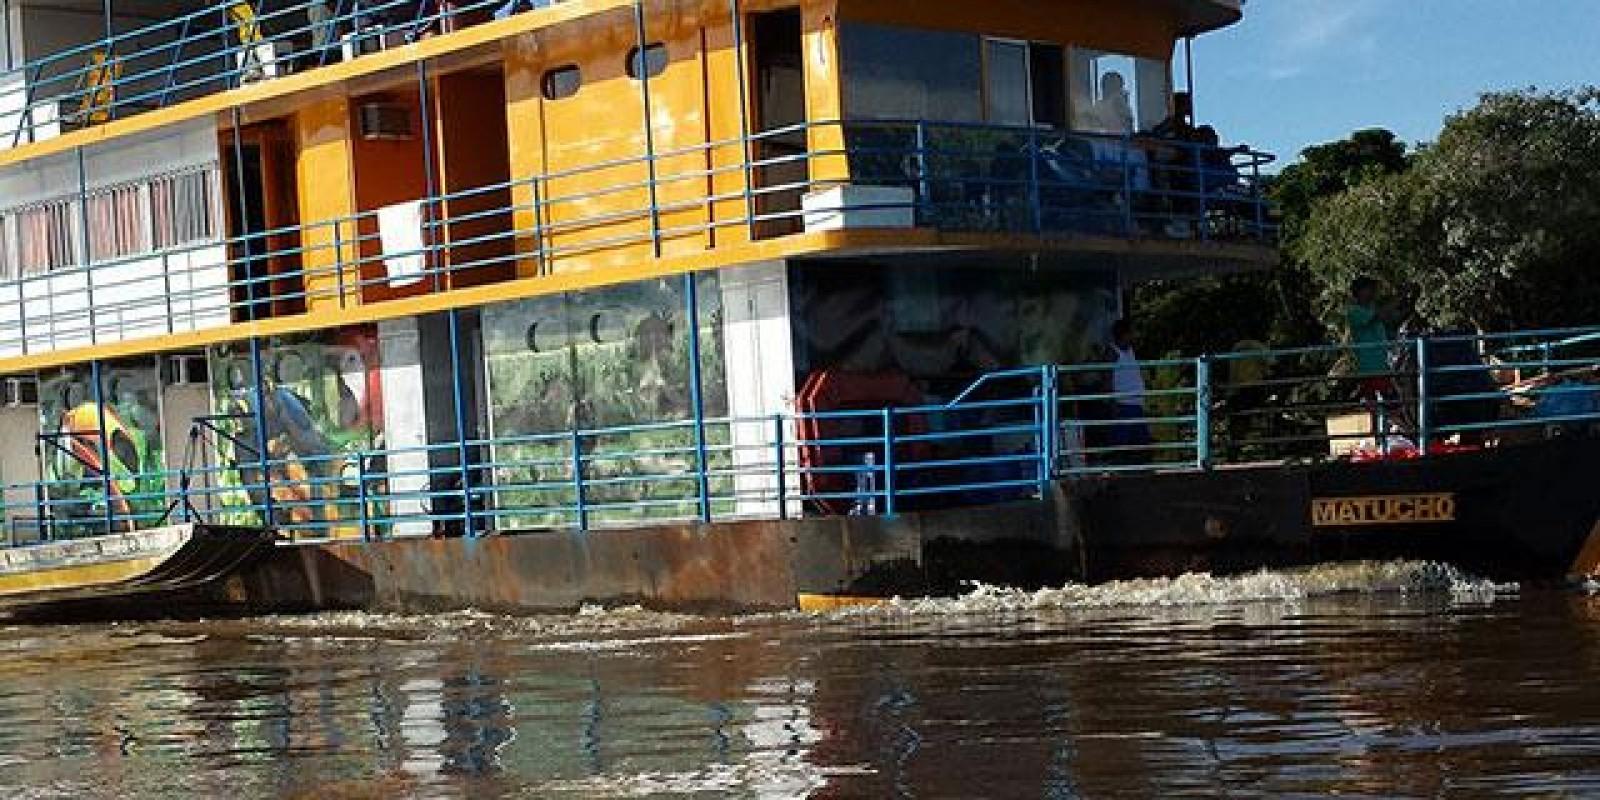 BARCO HOTEL MATUCHO - Foto 6 de 8